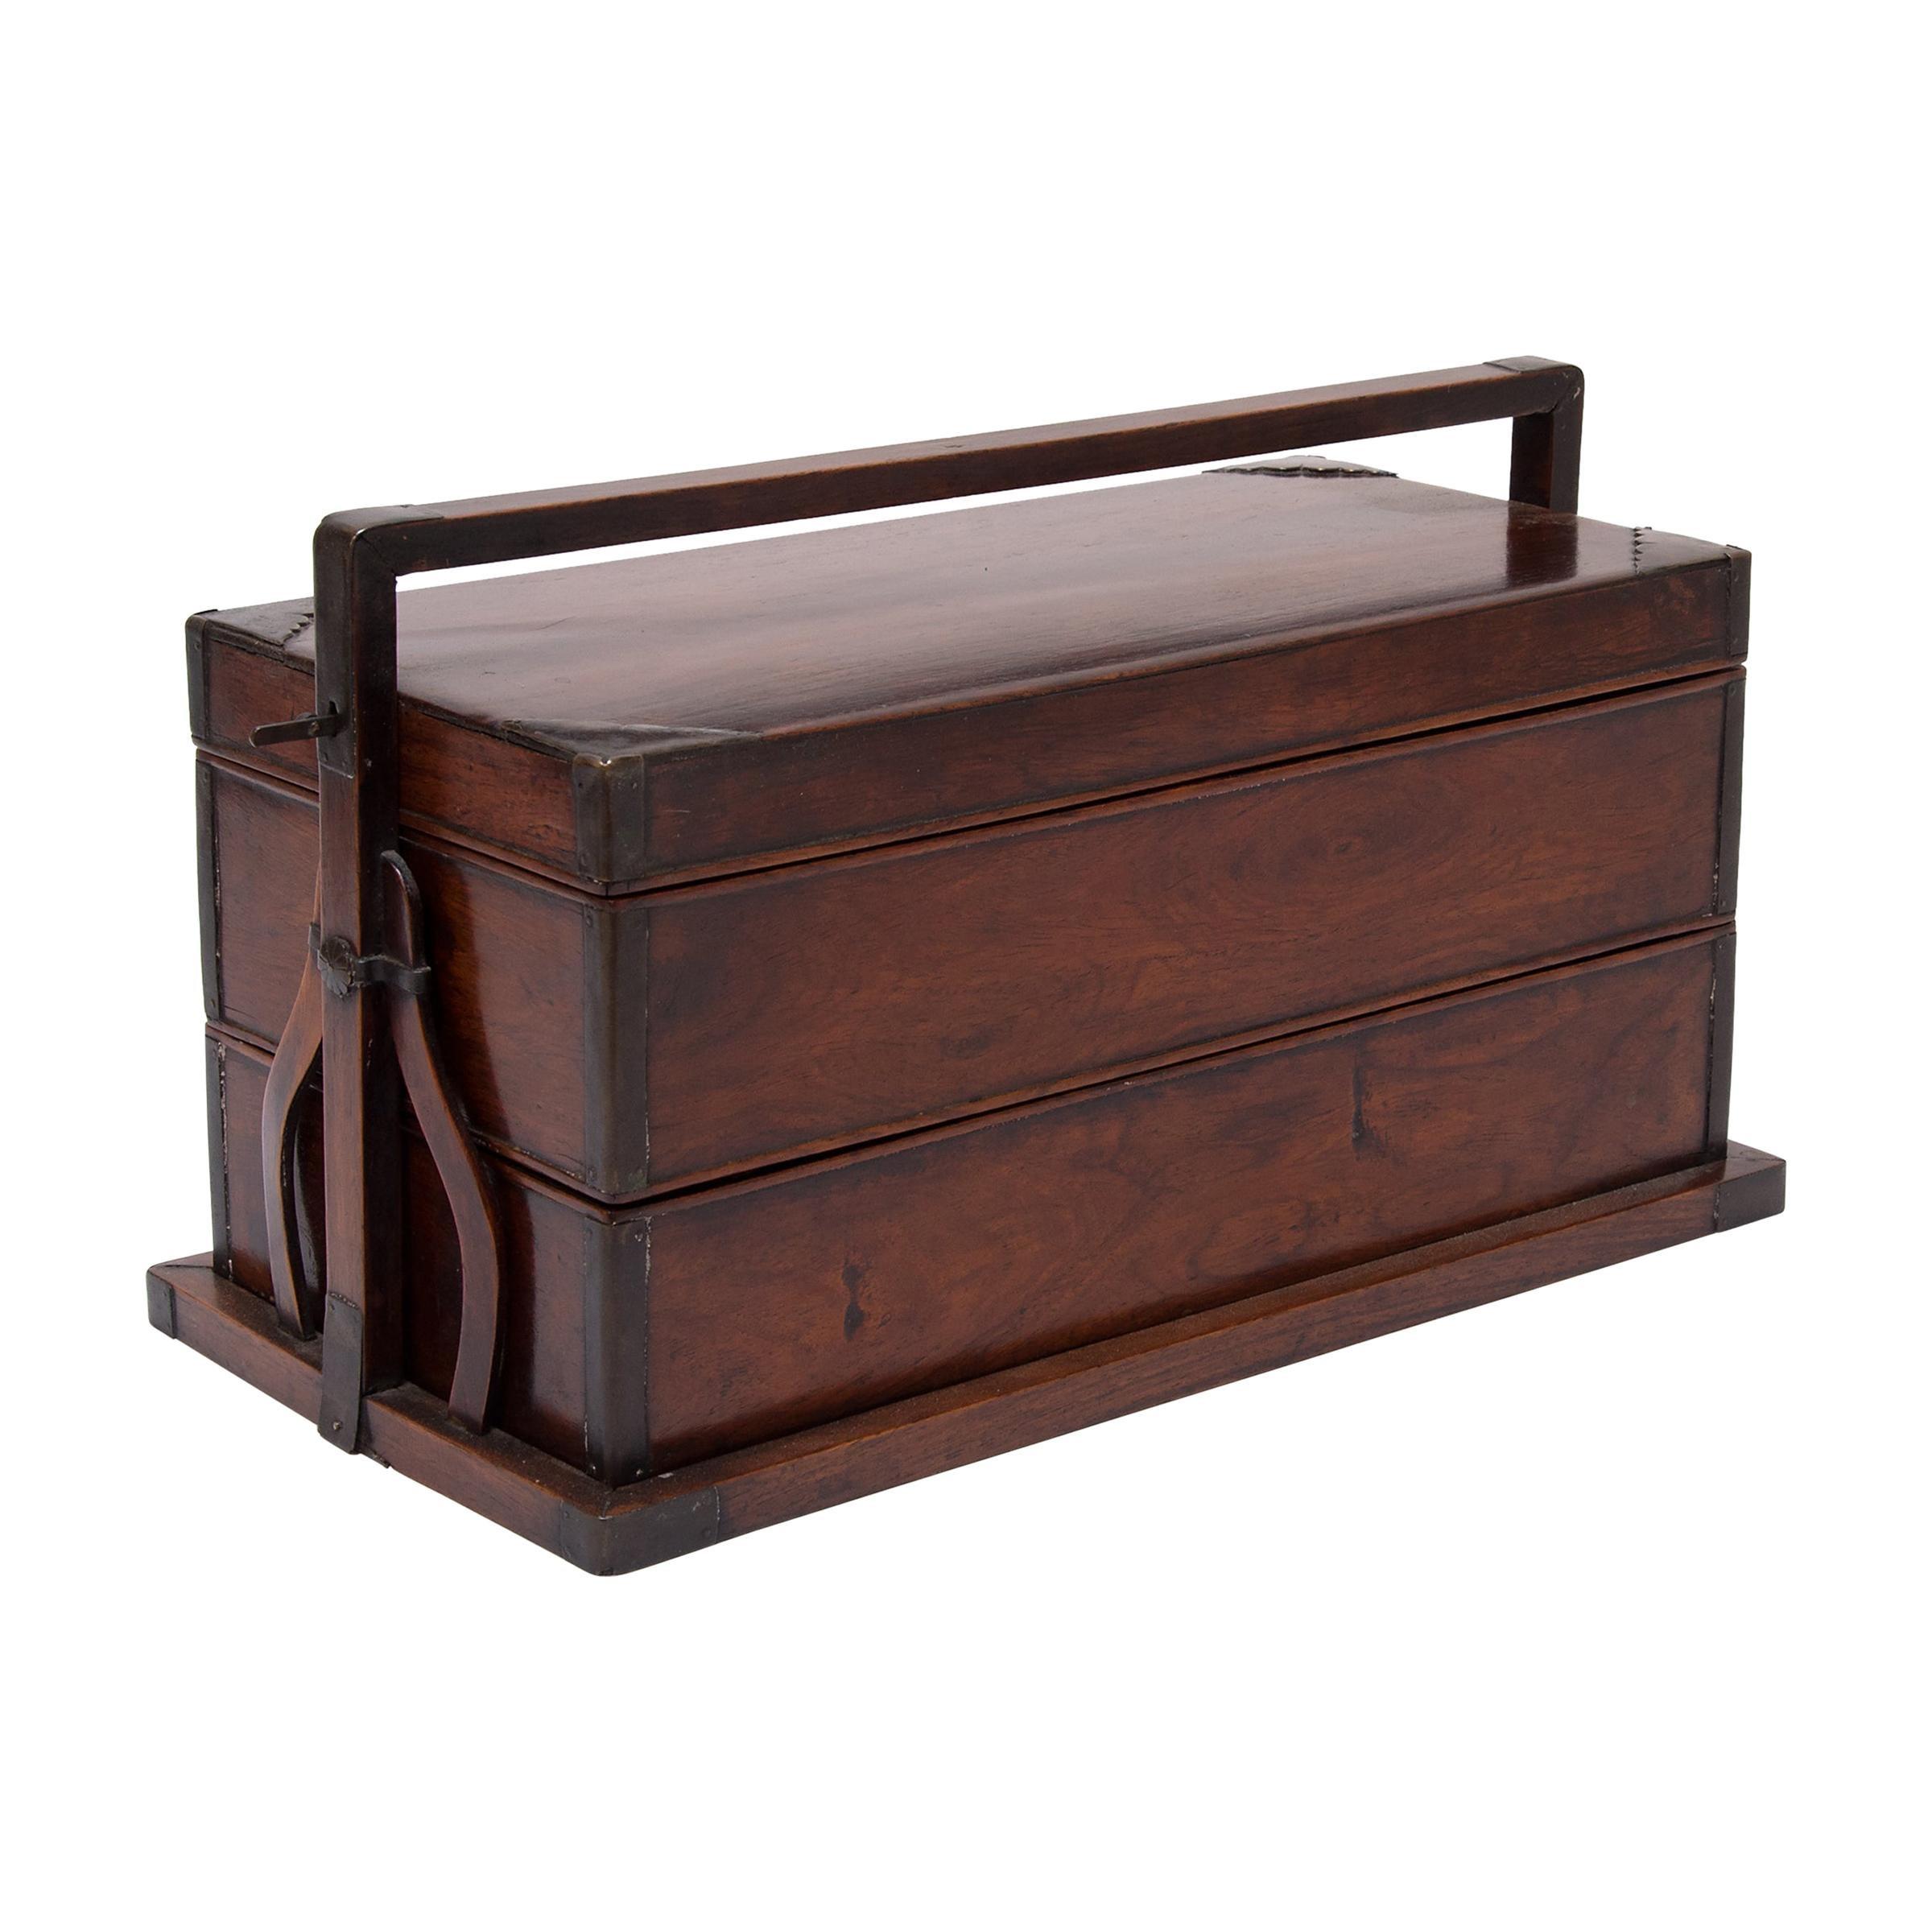 18th Century Chinese Picnic Box